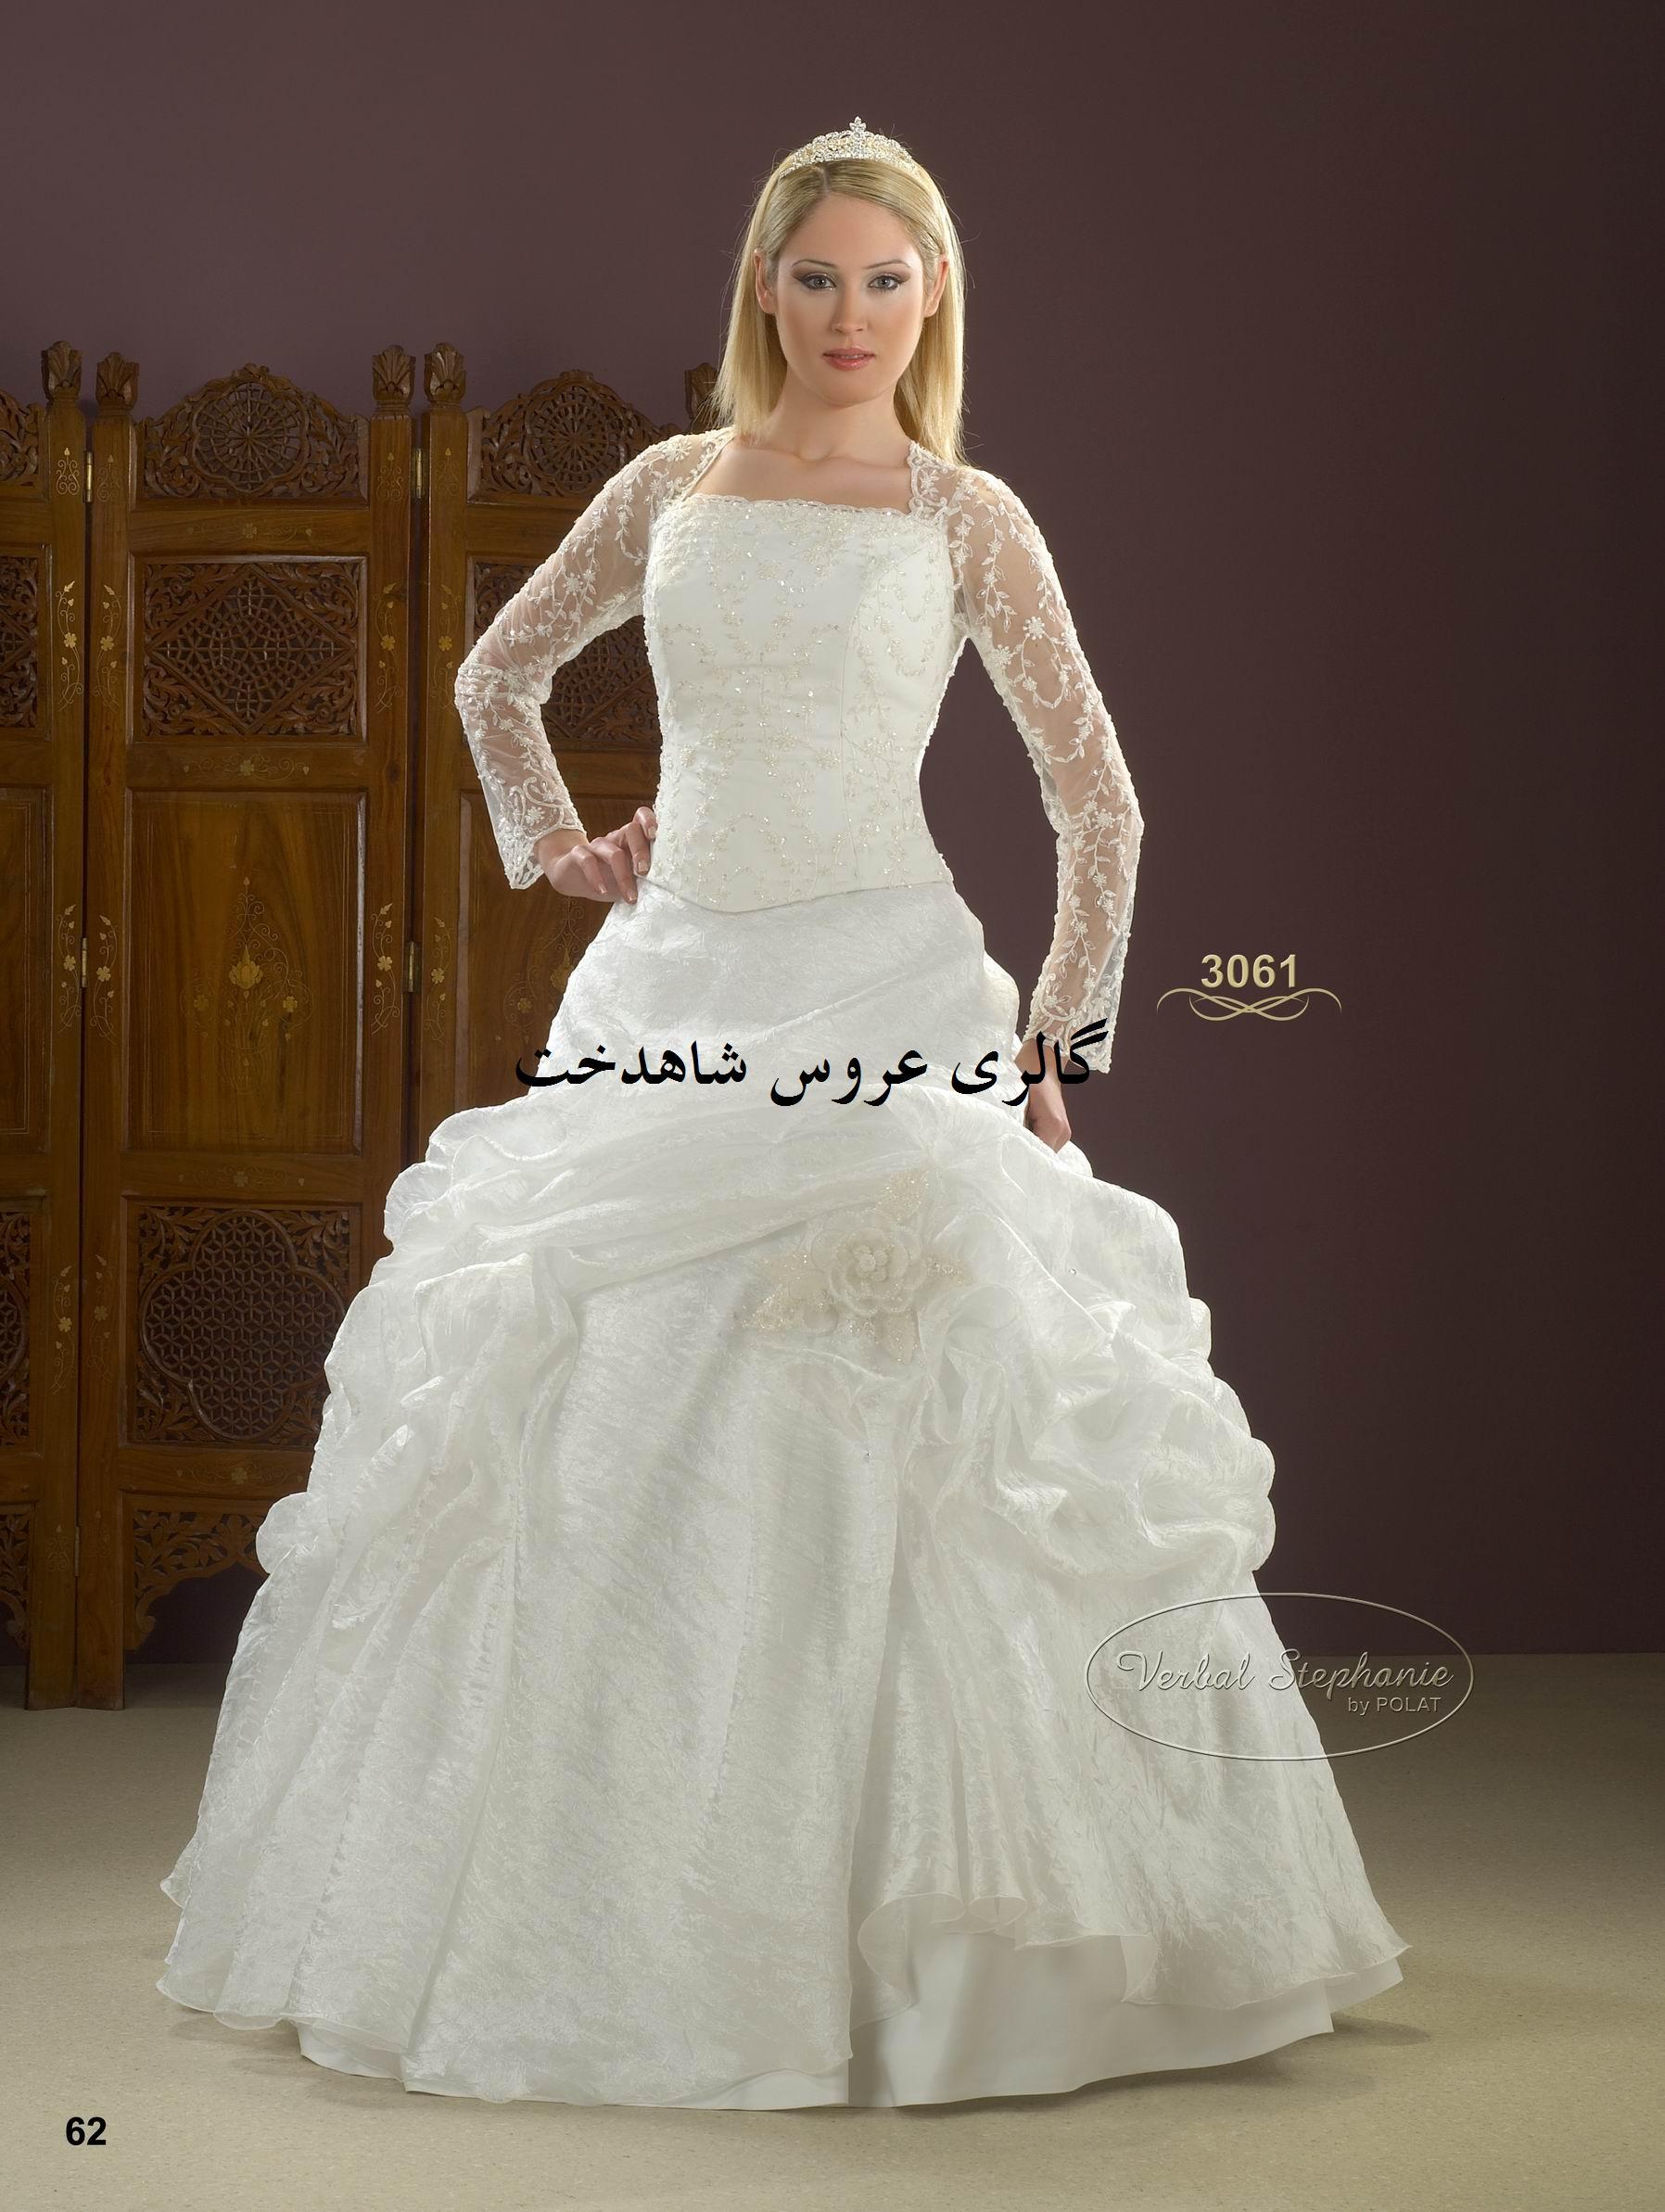 خرید لباس عروس در کرج